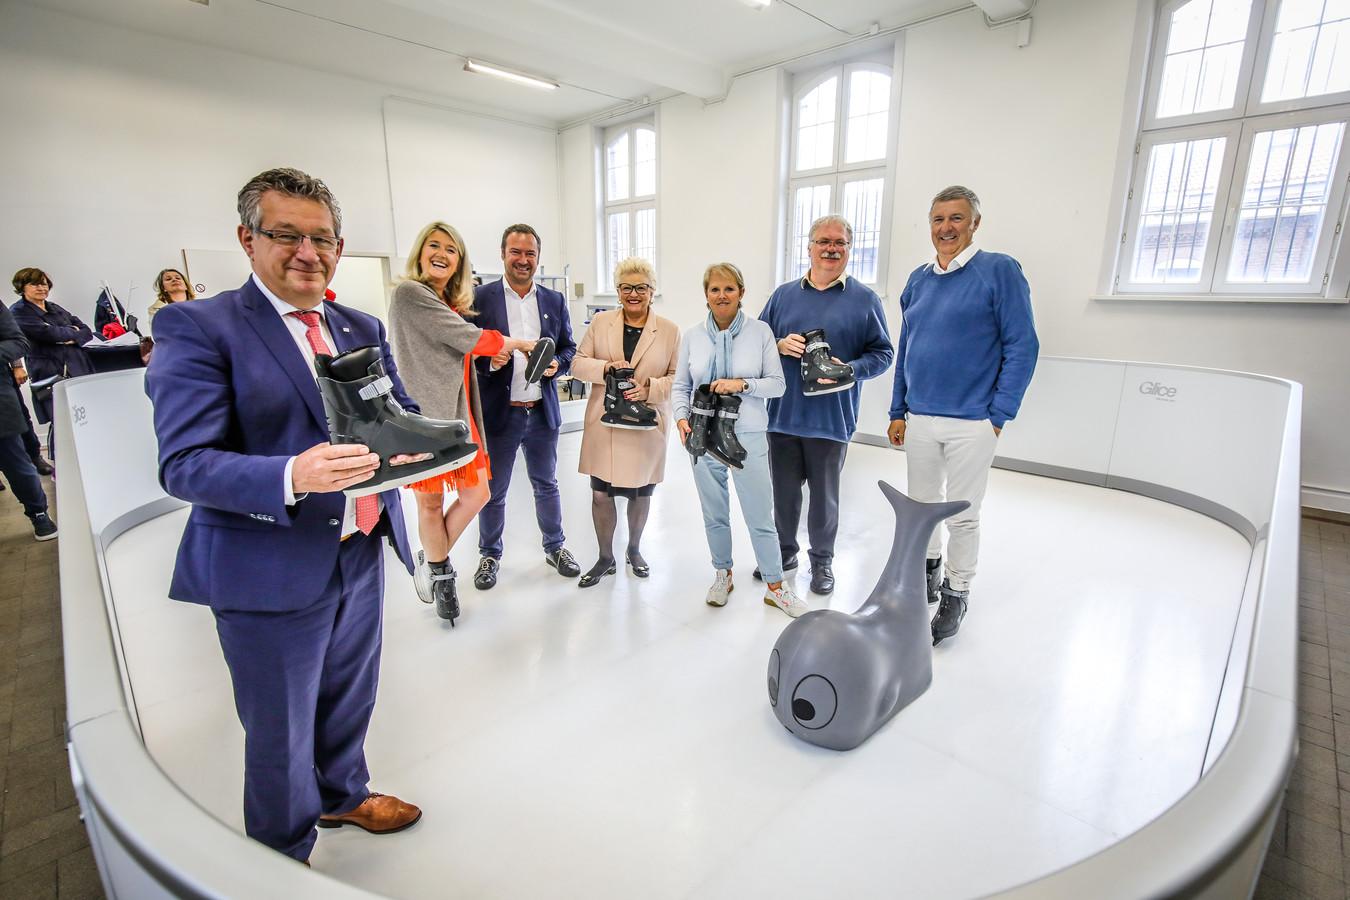 Brugge voorstelling nieuwe schaatspiste zonder ijs